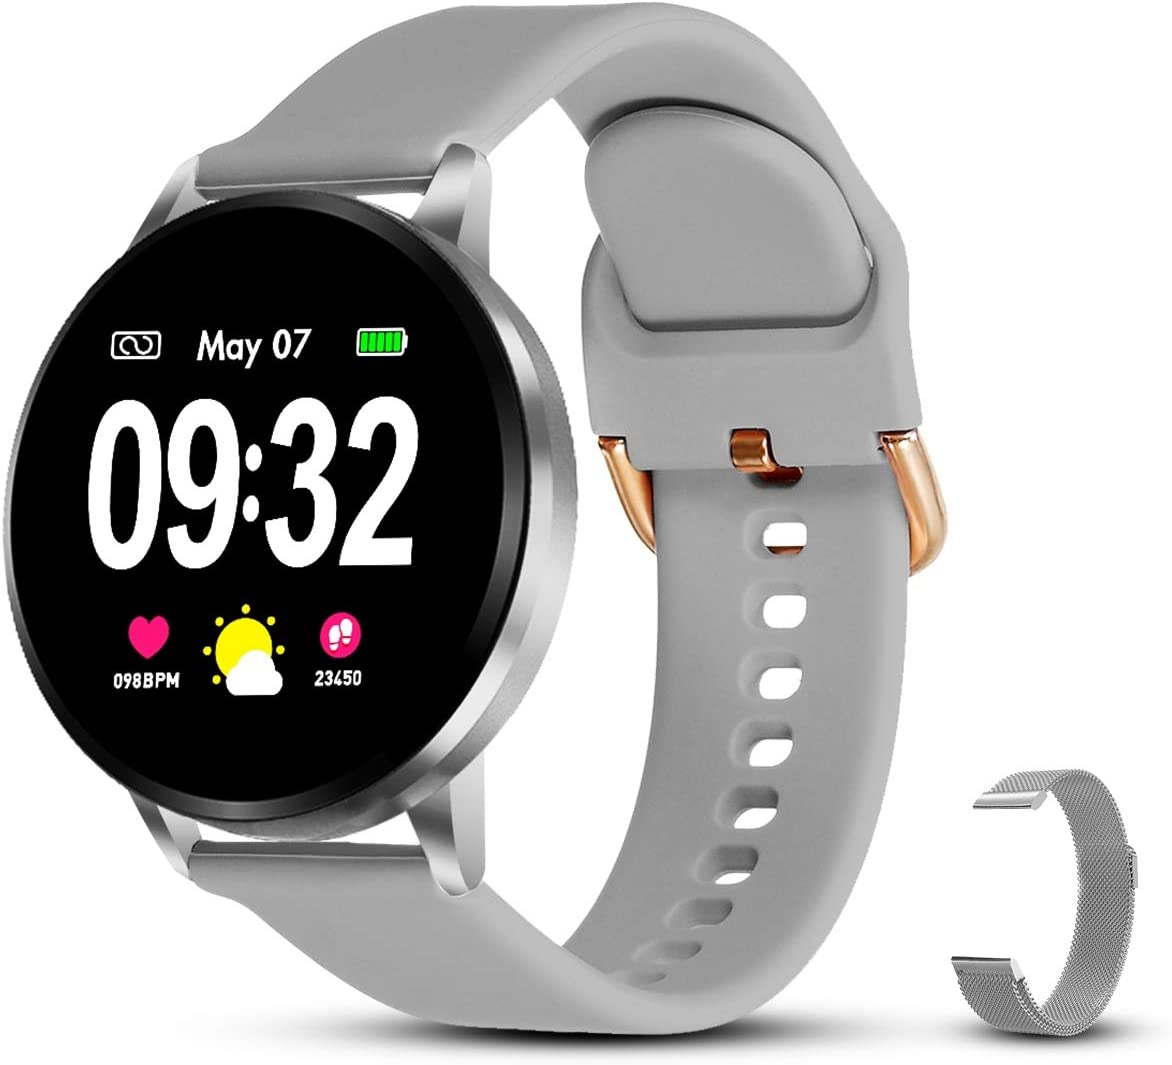 GOKOO Pulsera de Actividad Smartwatch Reloj Inteligente con podómetro, Monitor de Frecuencia Cardíaca Calorías Cronómetro de Monitoreo del Sueño de Android (Gris) …